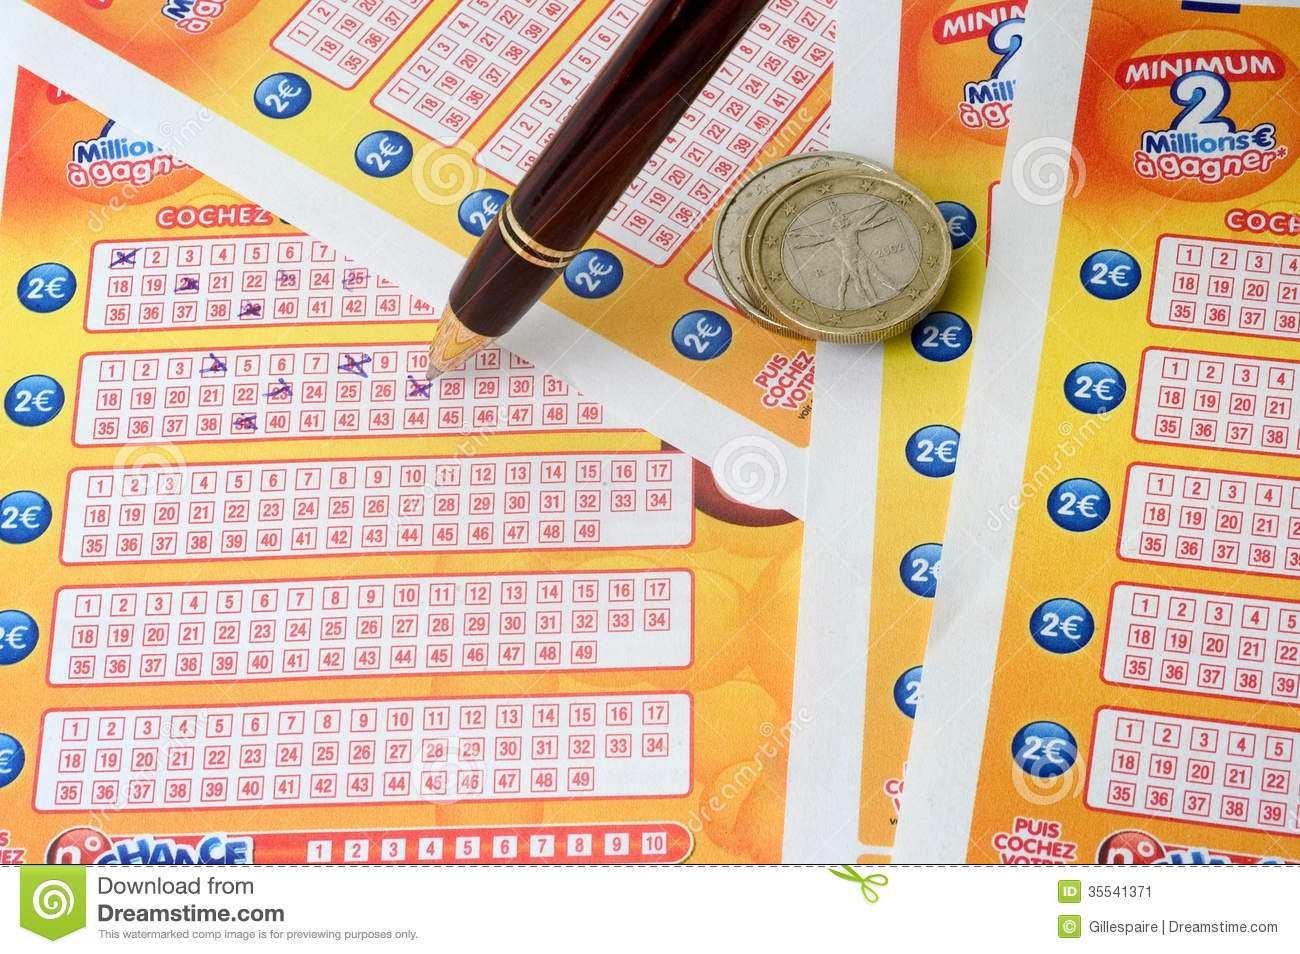 Euromillions della lotteria francese e la mia lotteria da un milione